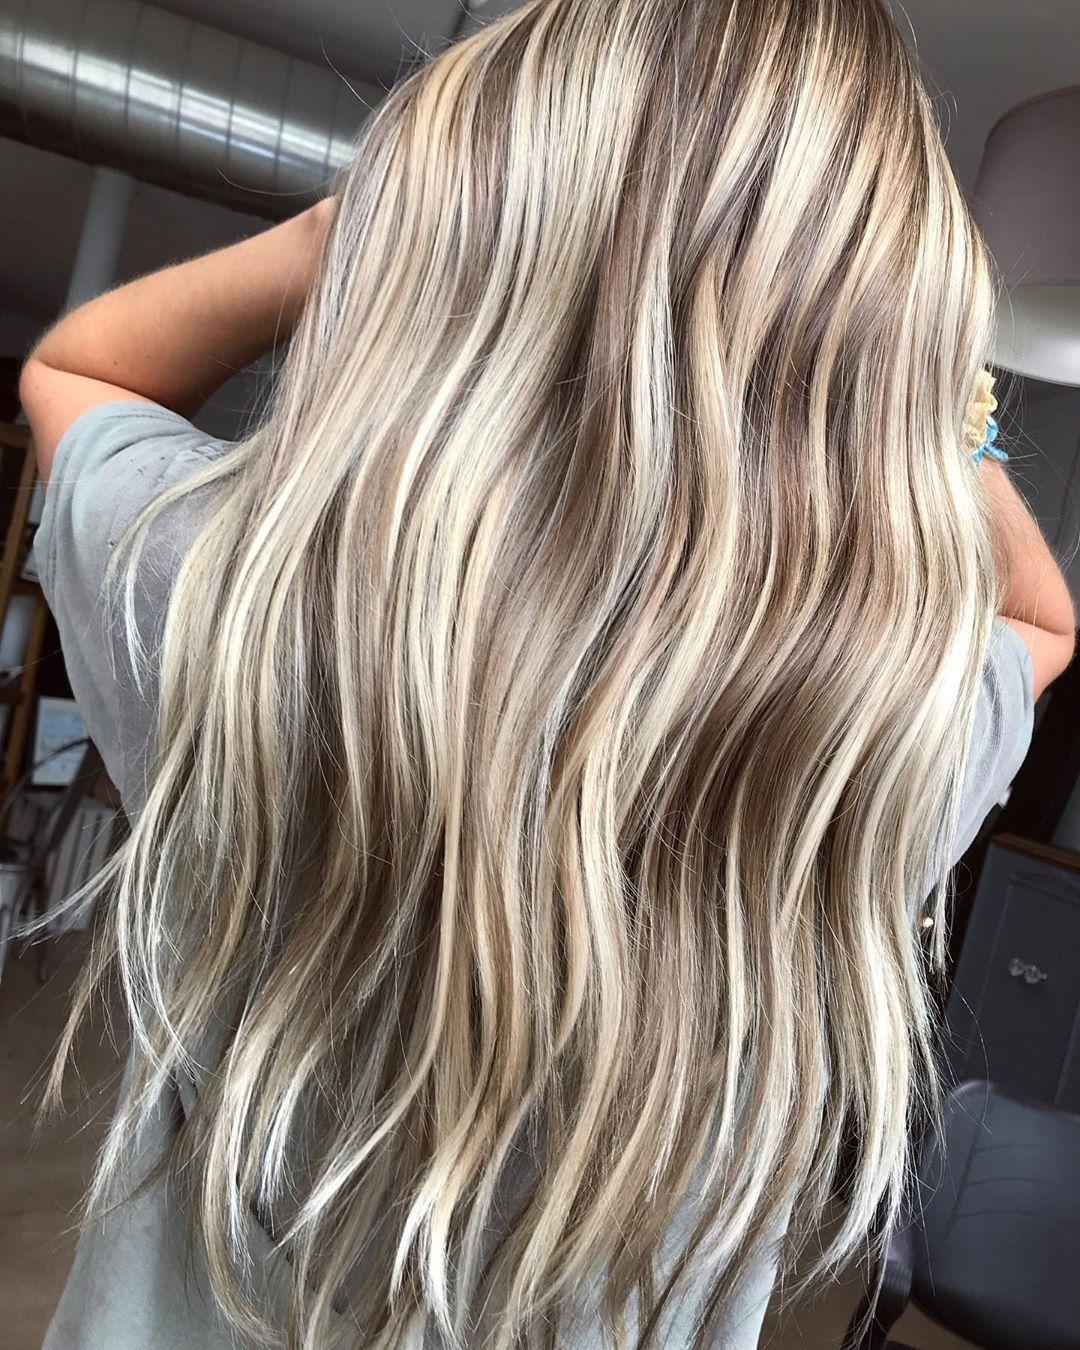 Blonde Strahnen In 2020 Blonde Haare Mit Strahnen Balayage Haare Blond Blonde Strahnen